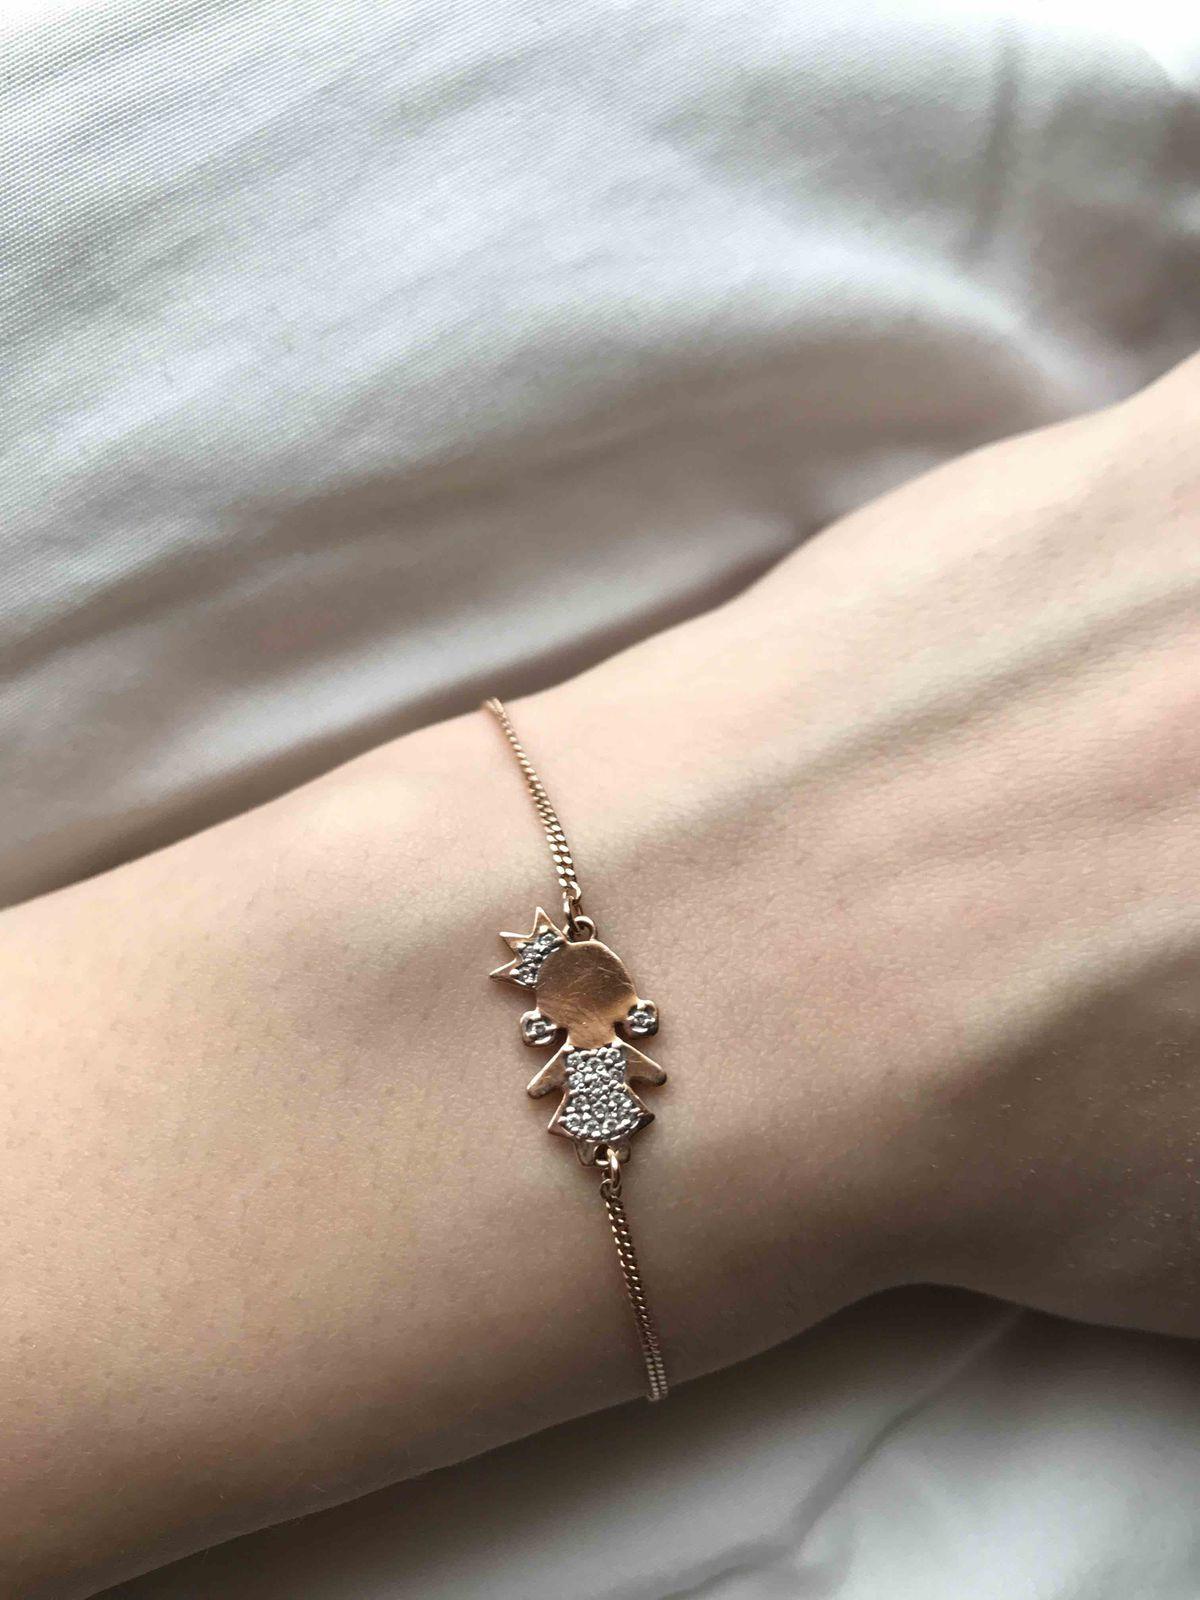 Прекрасный браслет, ношу не снимая уже второй год, камни все на месте.